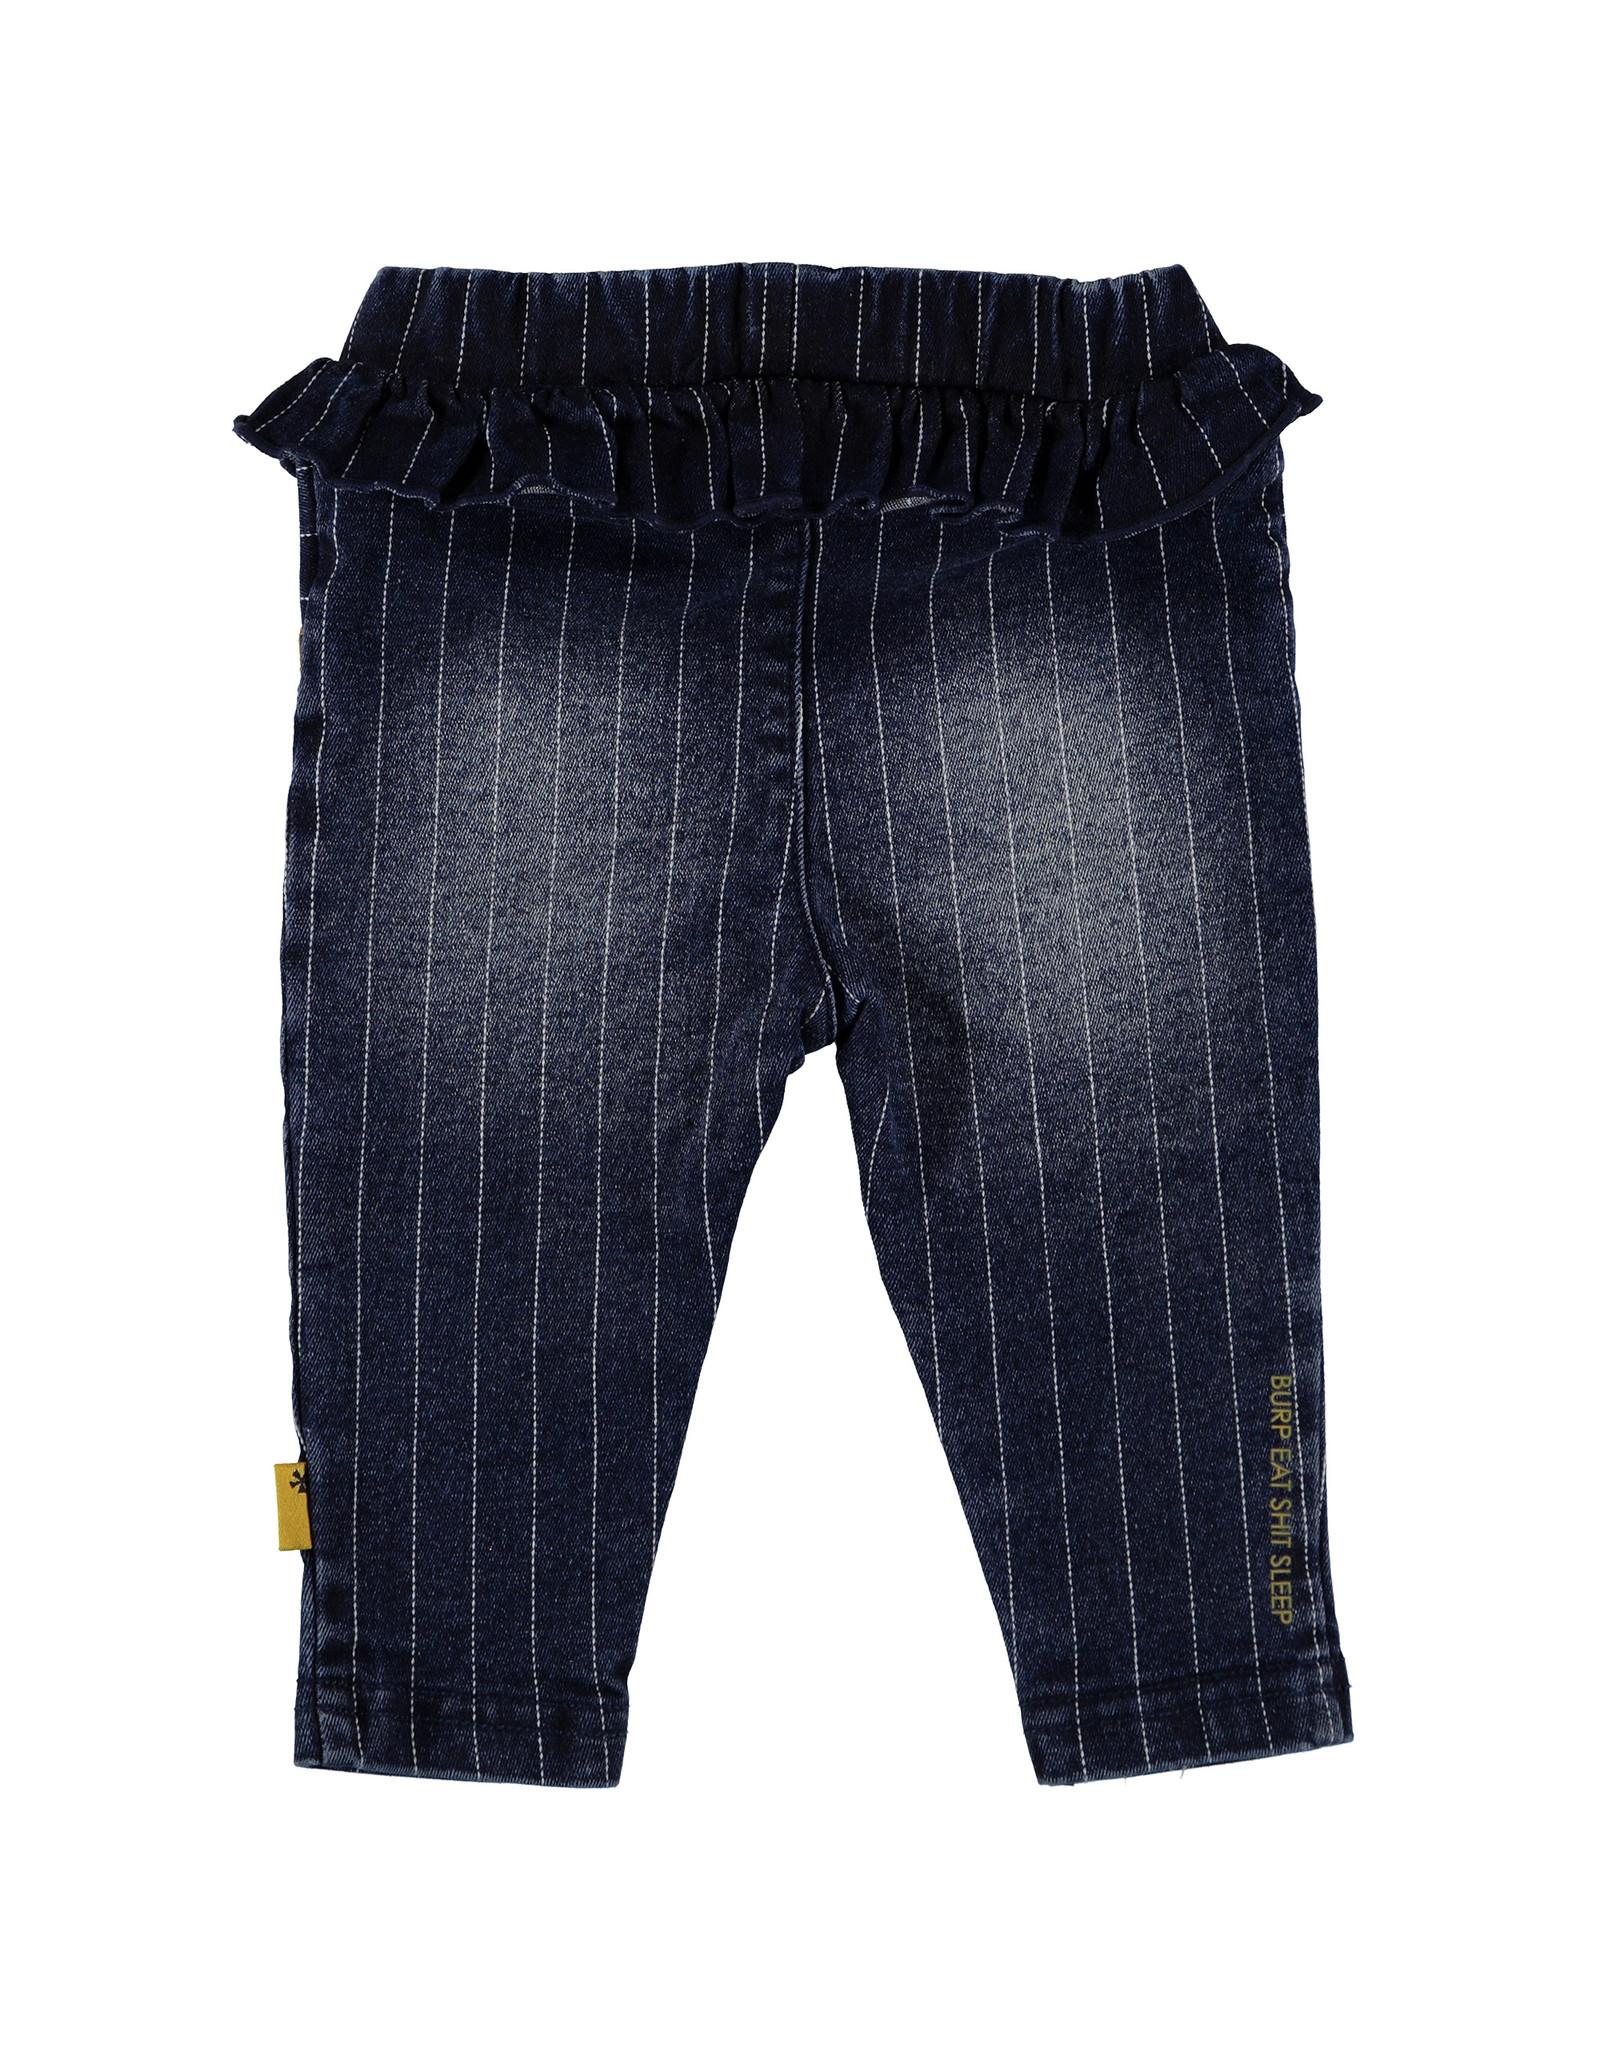 Bess Pants Denim Striped Ruffle Stone Wash